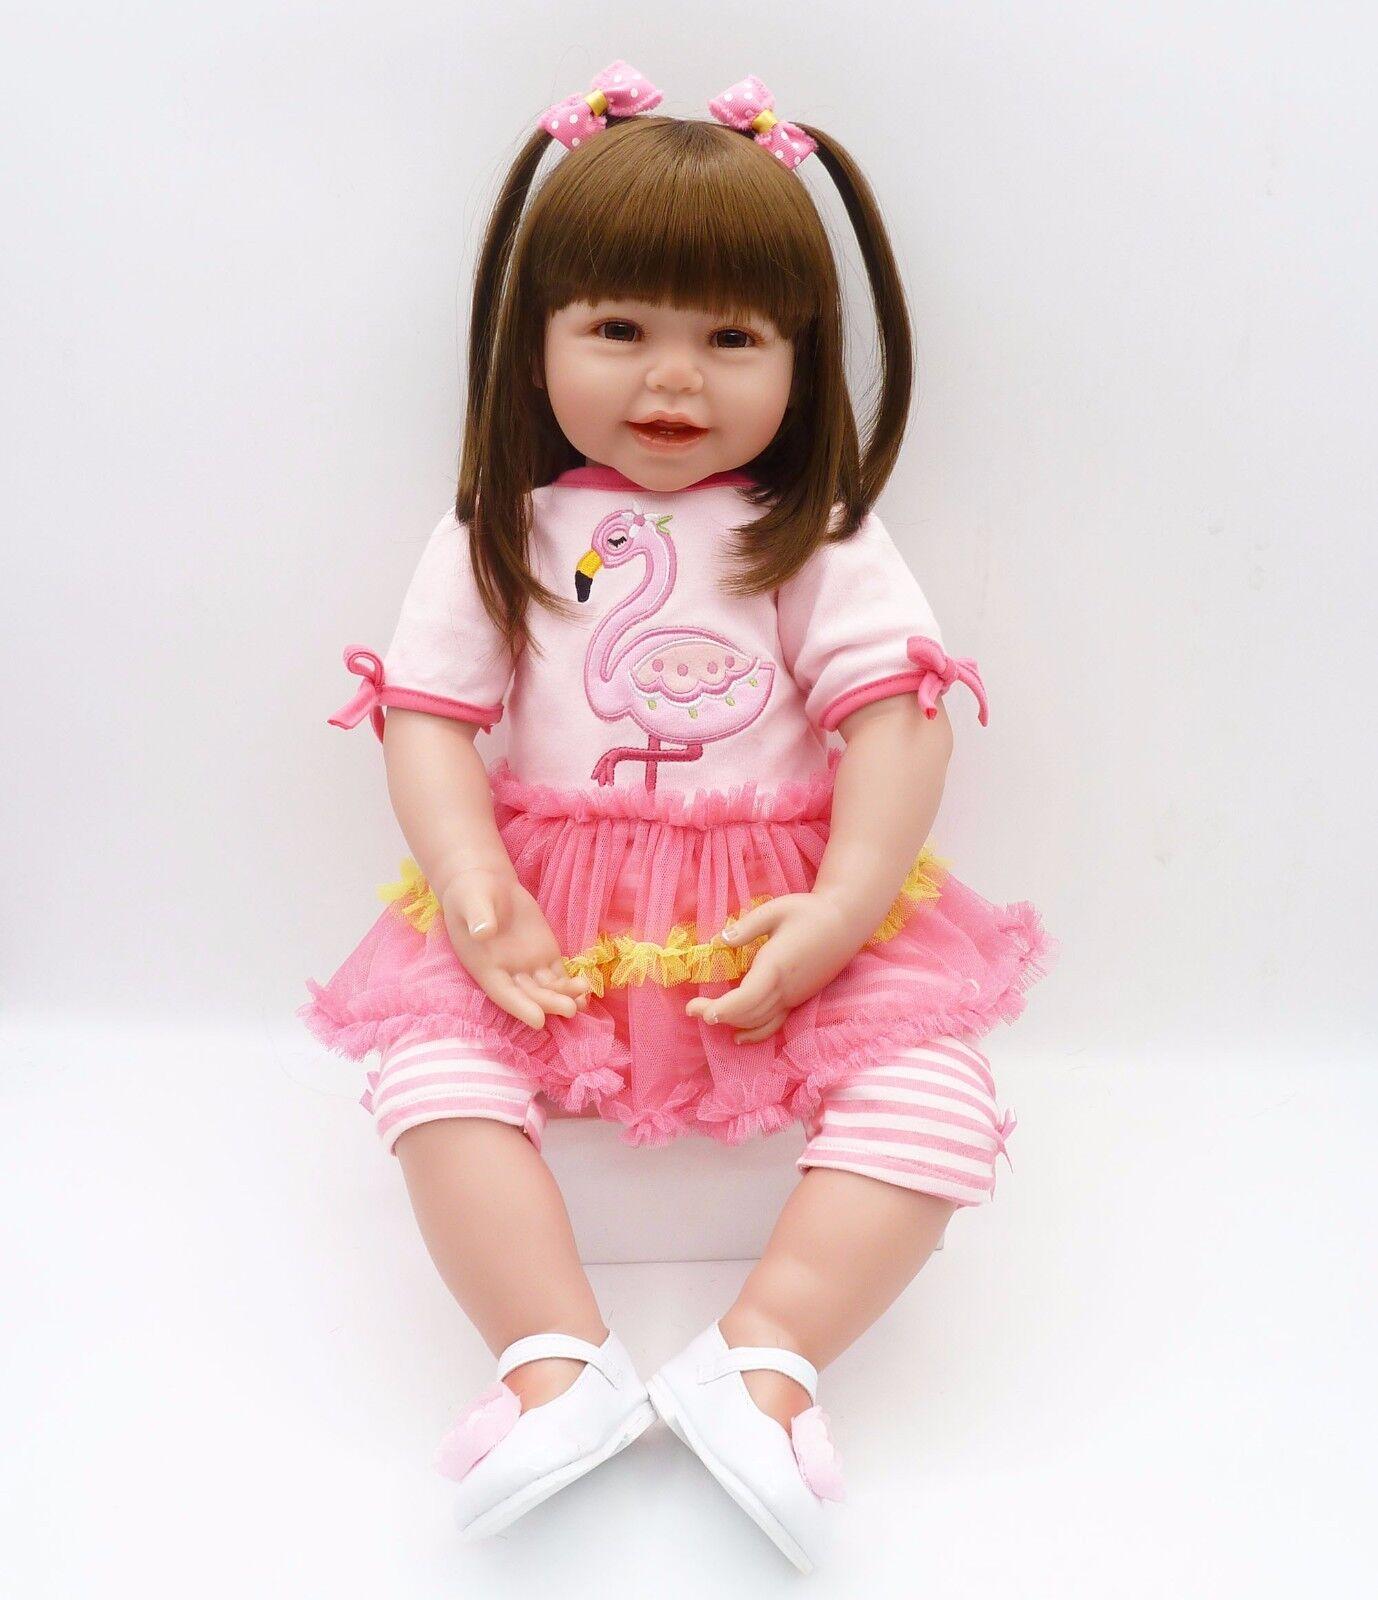 Realistica vinile 24  64CM Reborn Toddler bambola bambina baby realistico fatto a mano unico